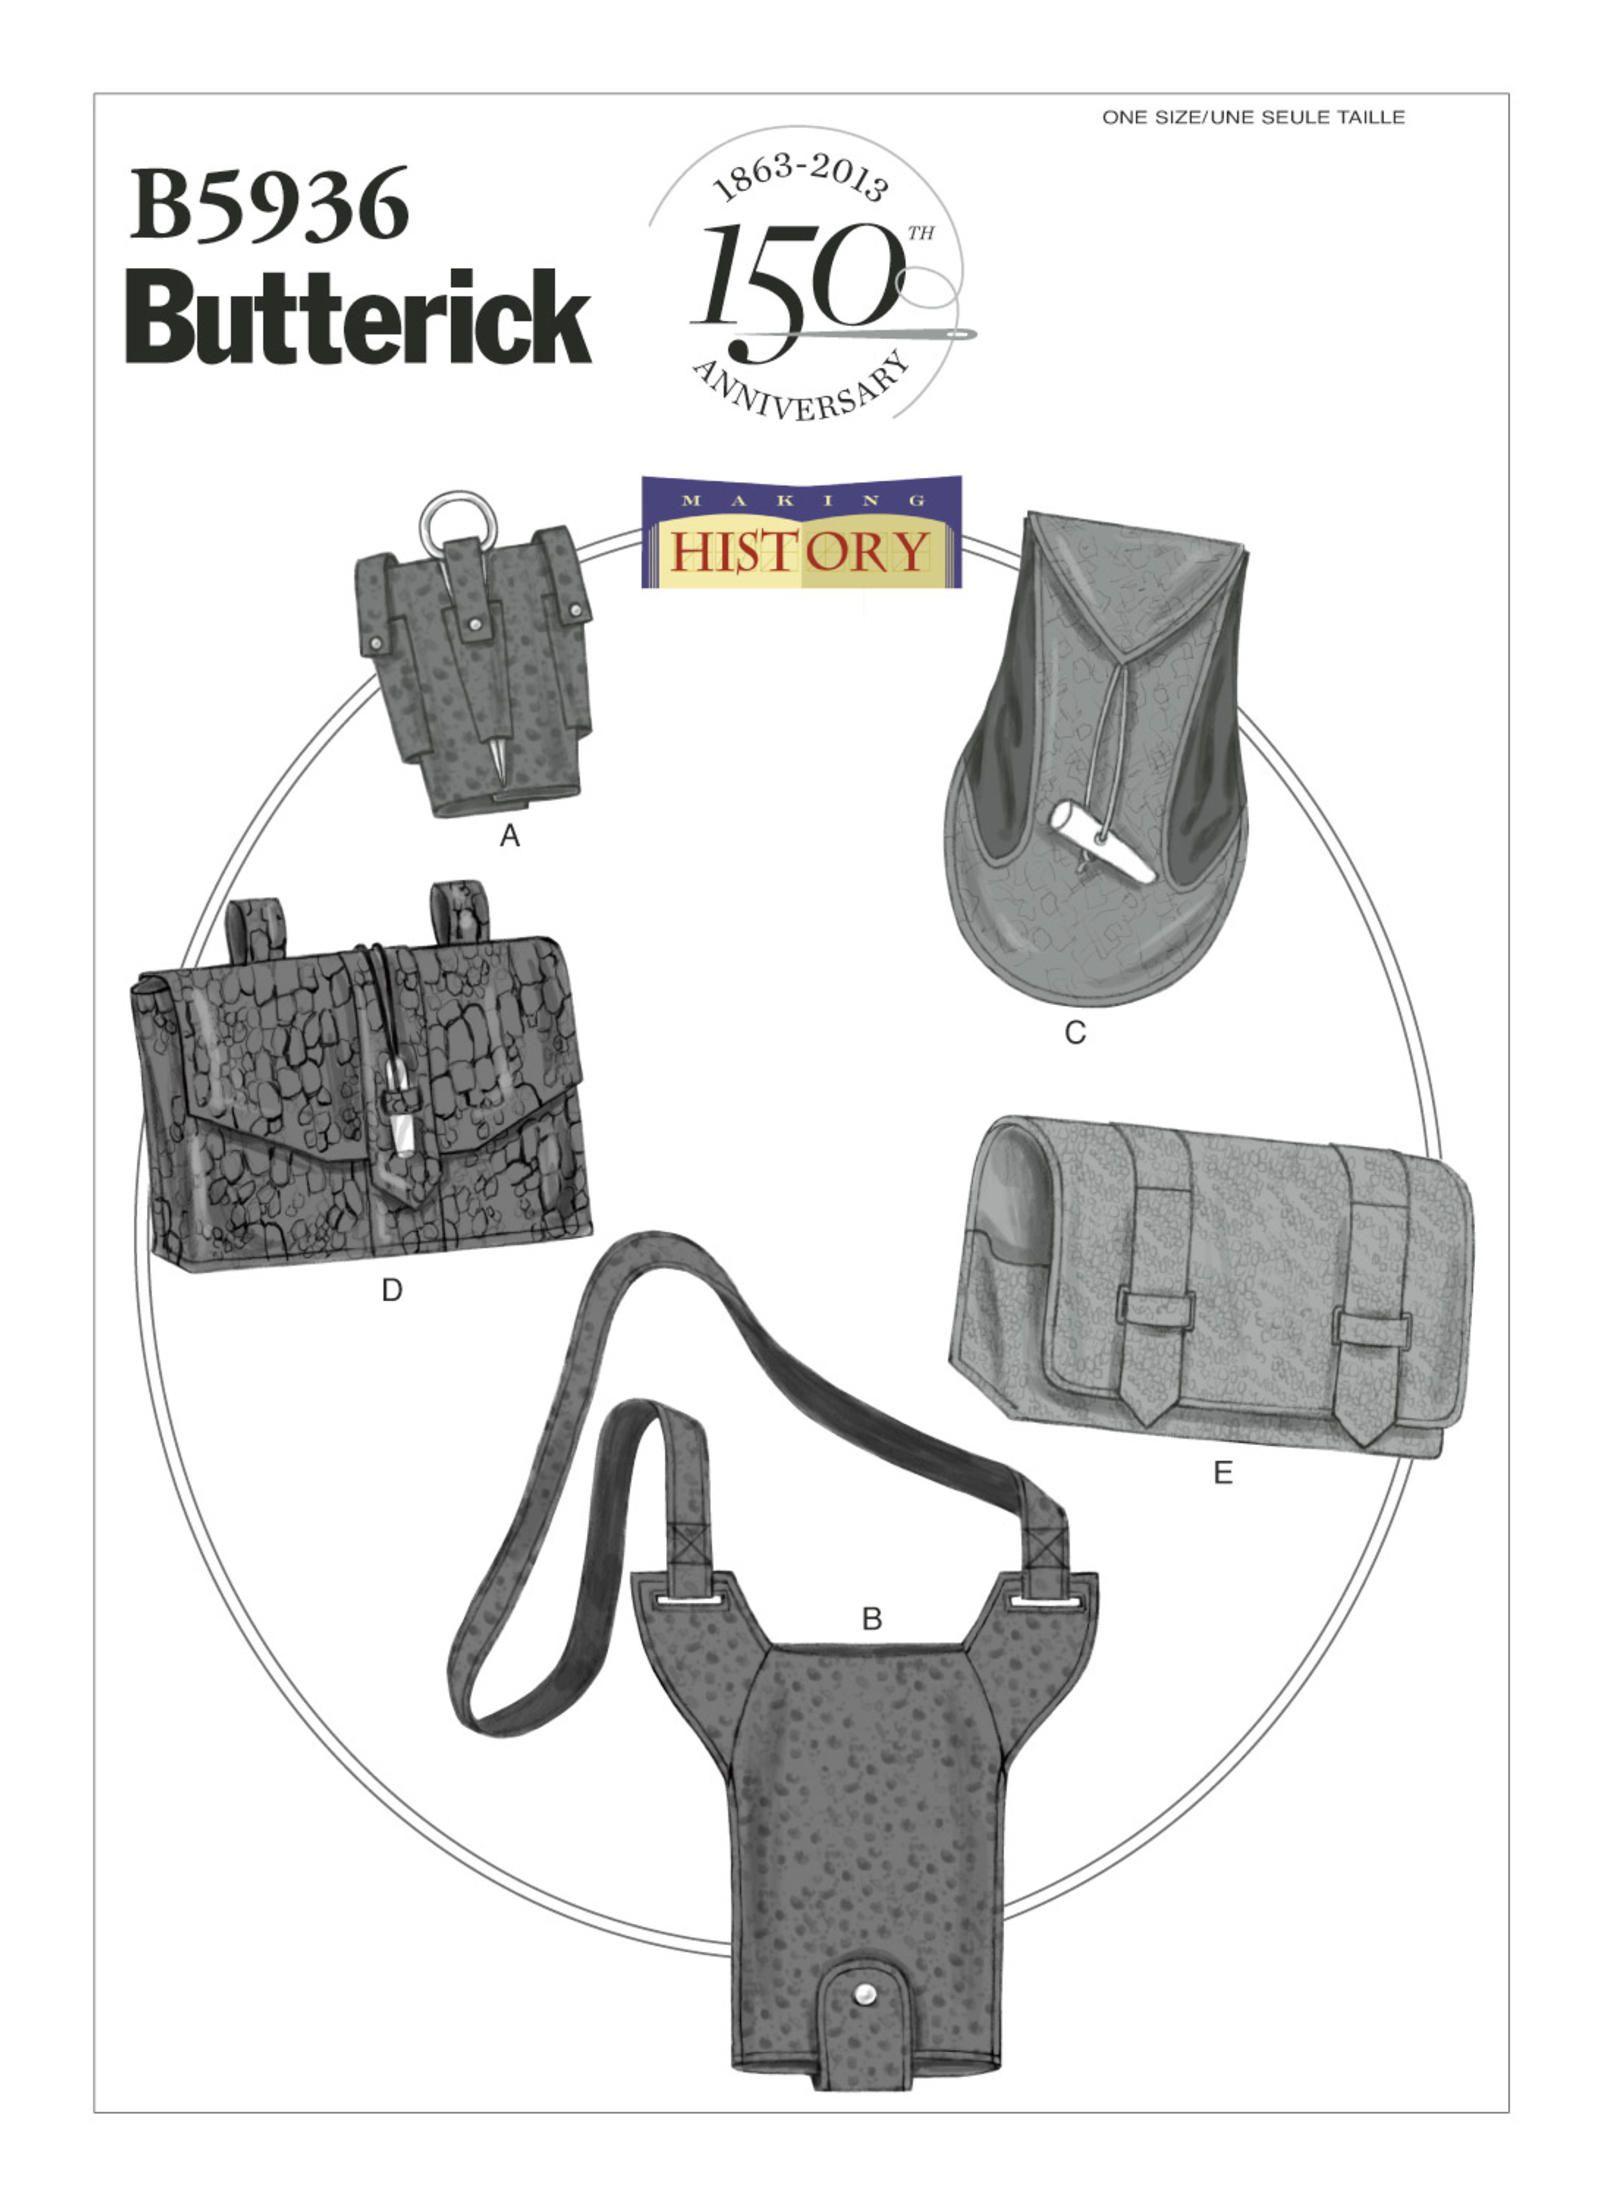 B5936 | Butterick Patterns | Cosplay Ideas | Pinterest